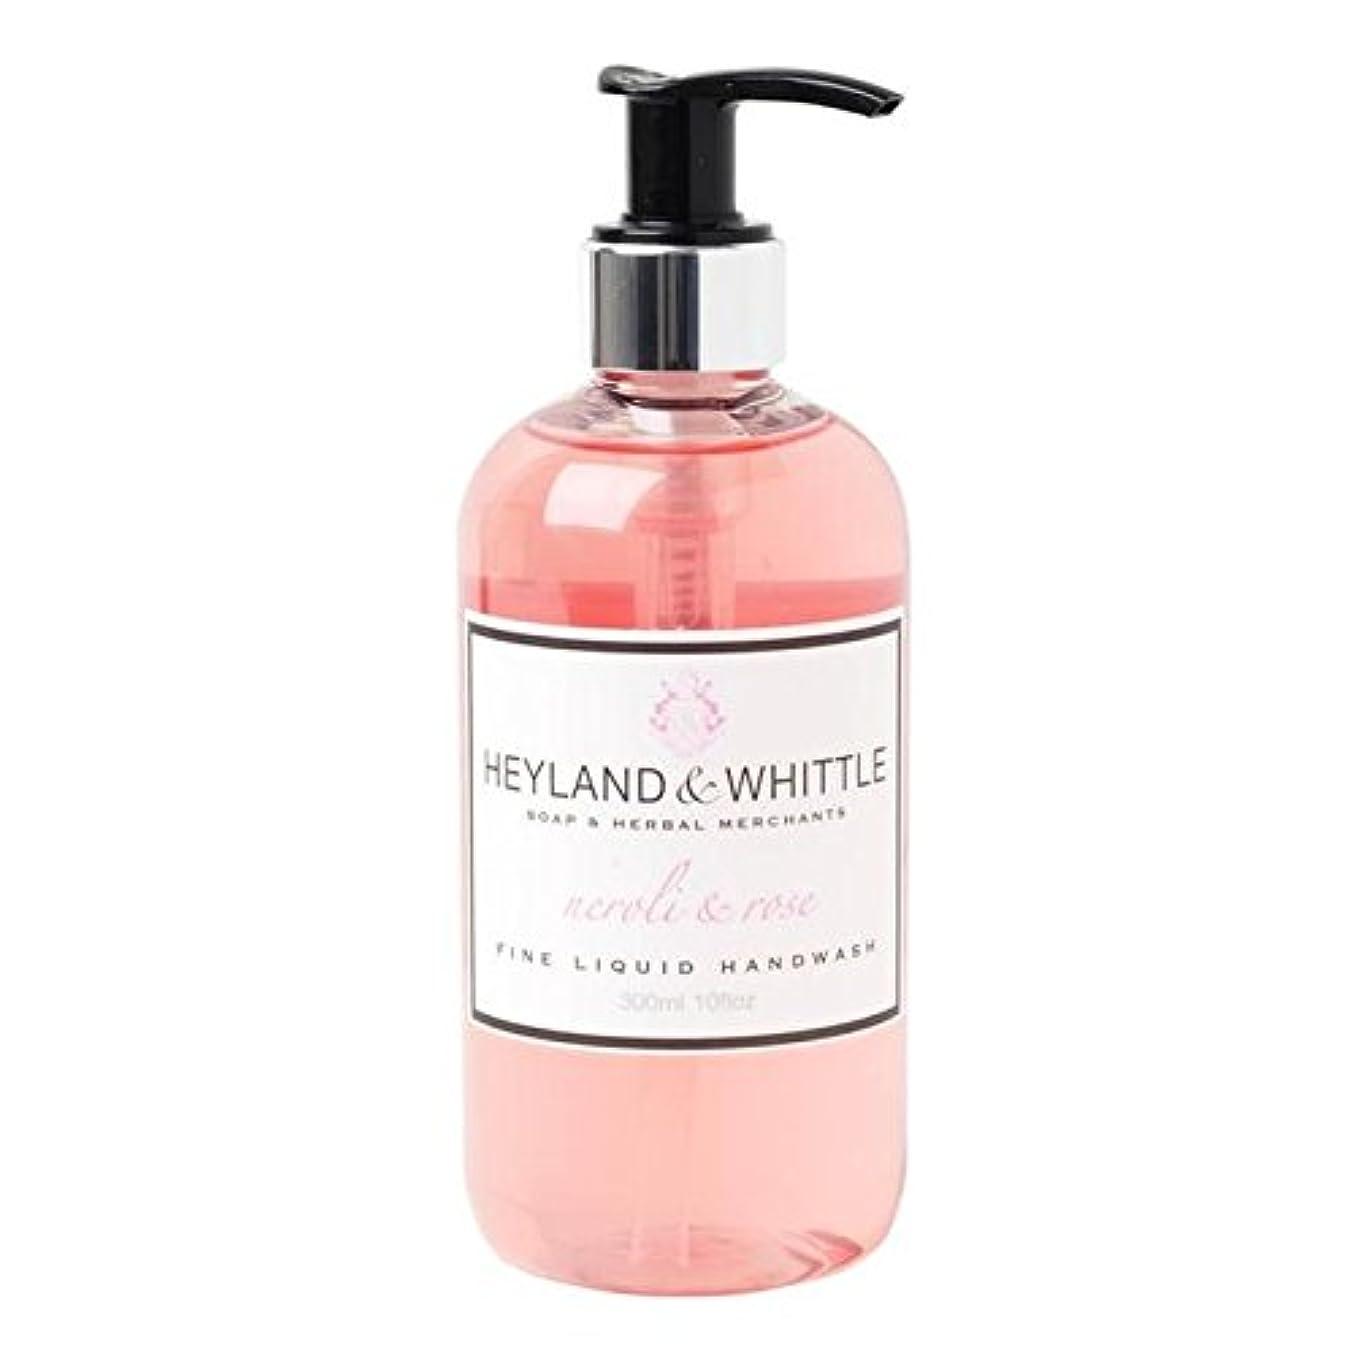 構造的シェア心のこもったHeyland & Whittle Neroli & Rose Handwash 300ml (Pack of 6) - &削るネロリ&手洗いの300ミリリットルをバラ x6 [並行輸入品]